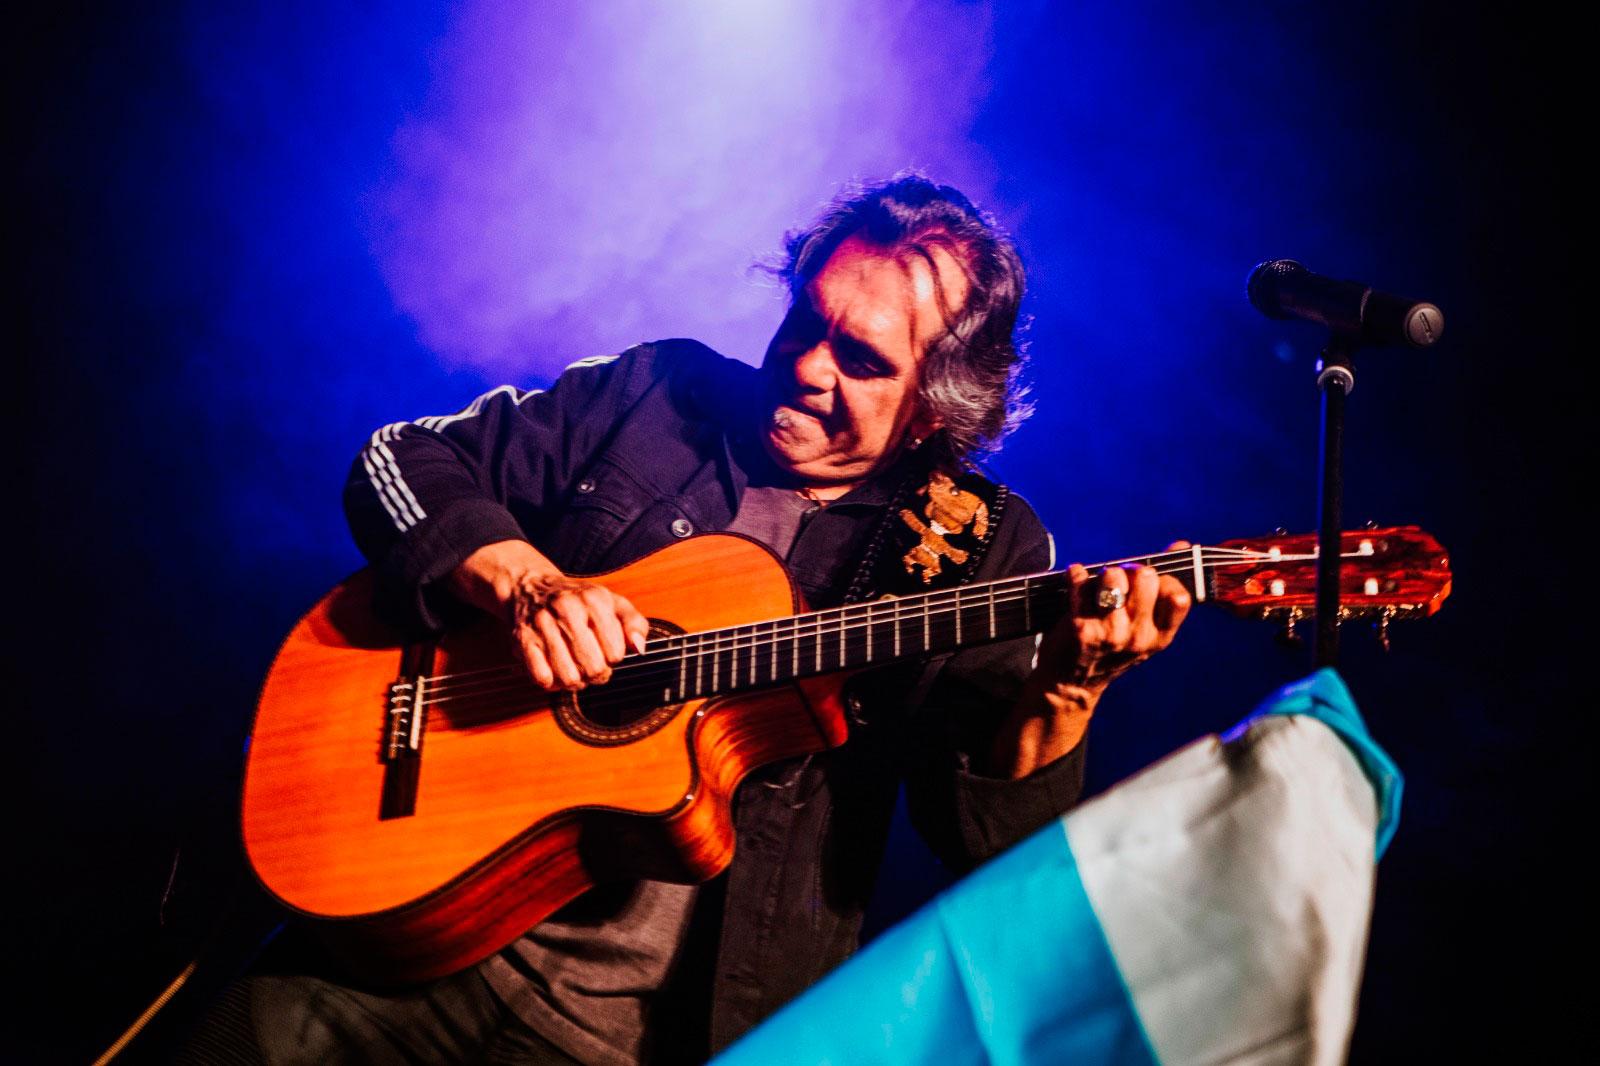 Mario Teruel